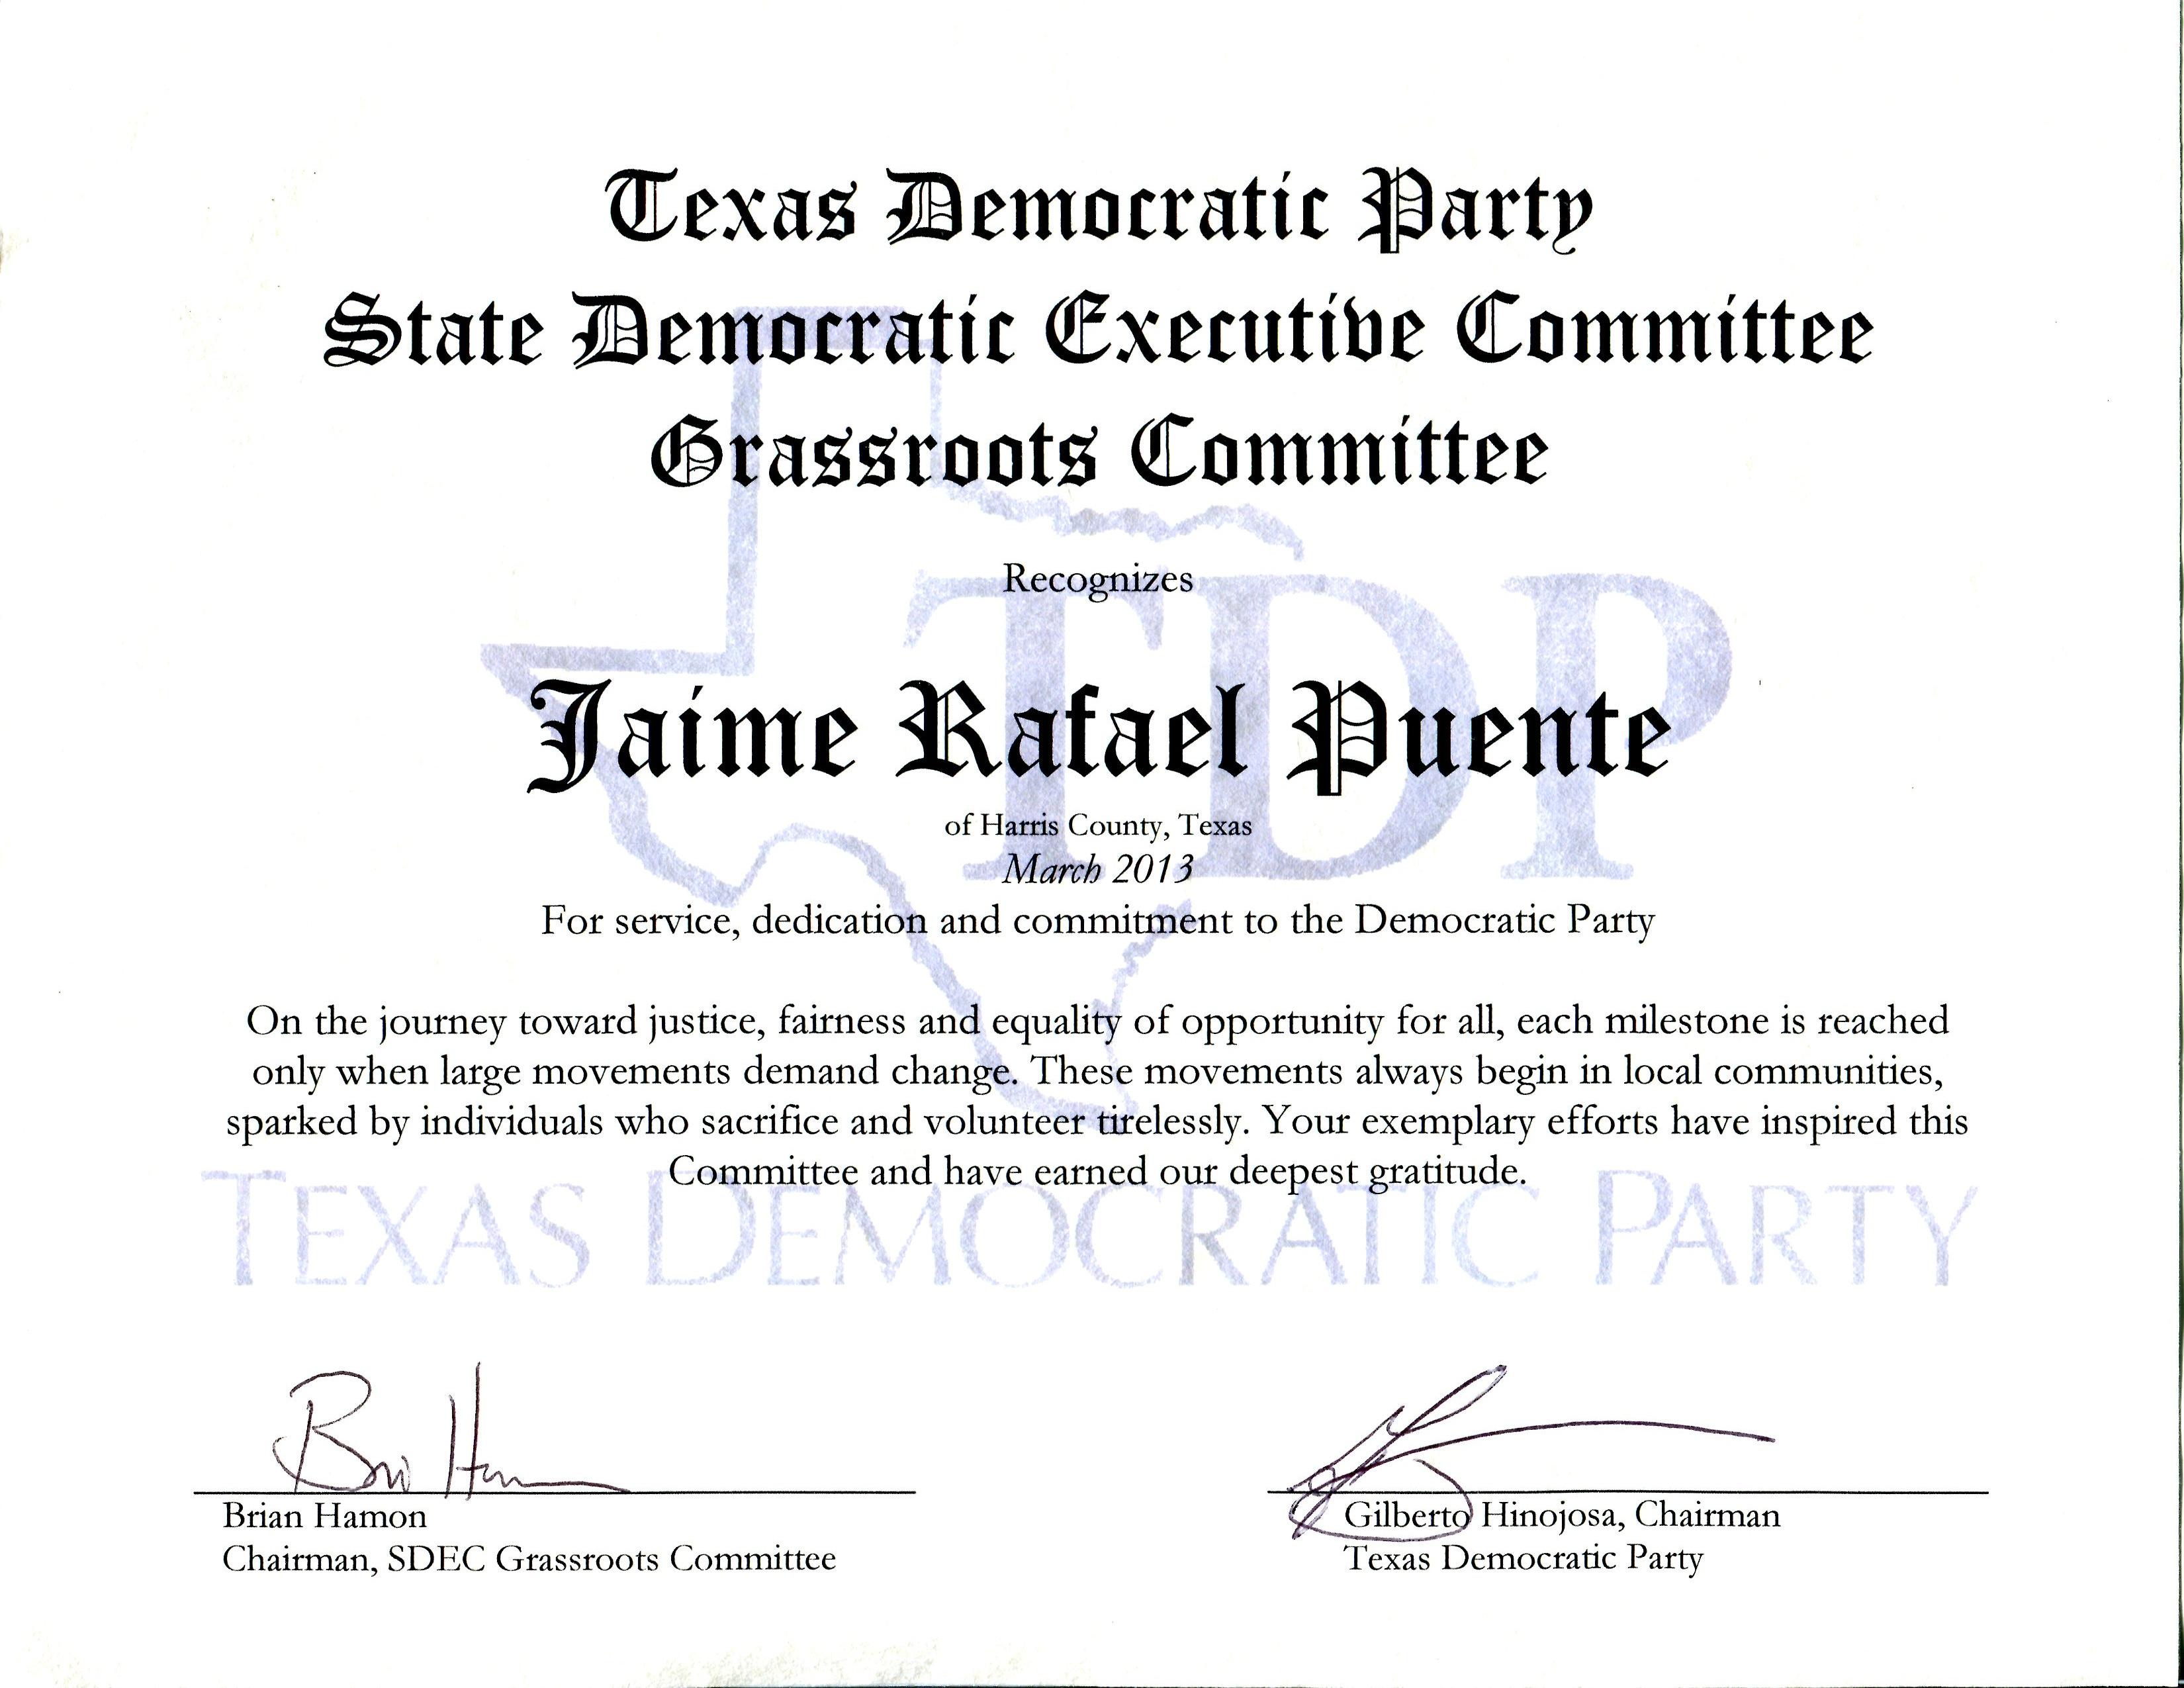 Texas Democratic Party - SDEC